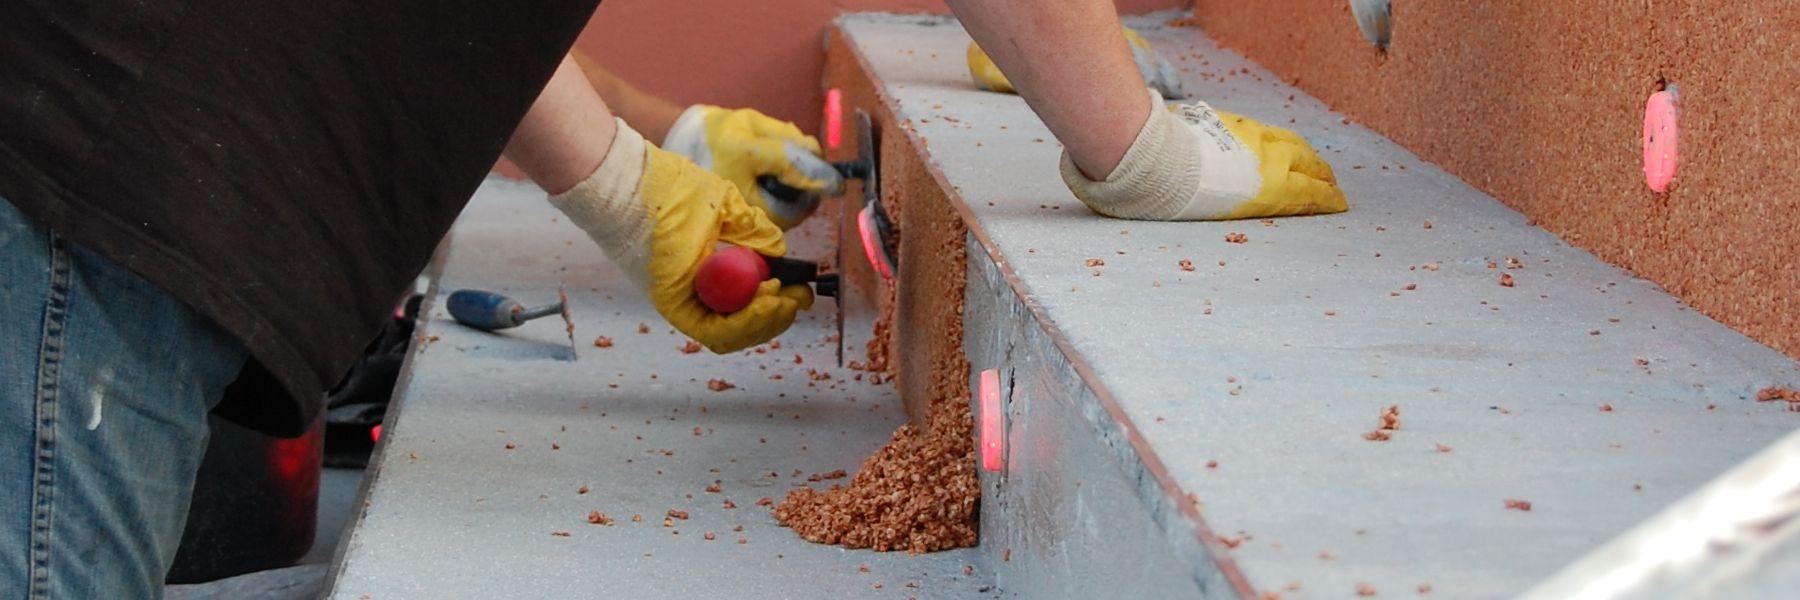 PU vertikal, Bindemittel für Steinteppich oder Colorquarz im Innen- und Aussenbereich für Sockel, Setzstufen, Kanten, Wände